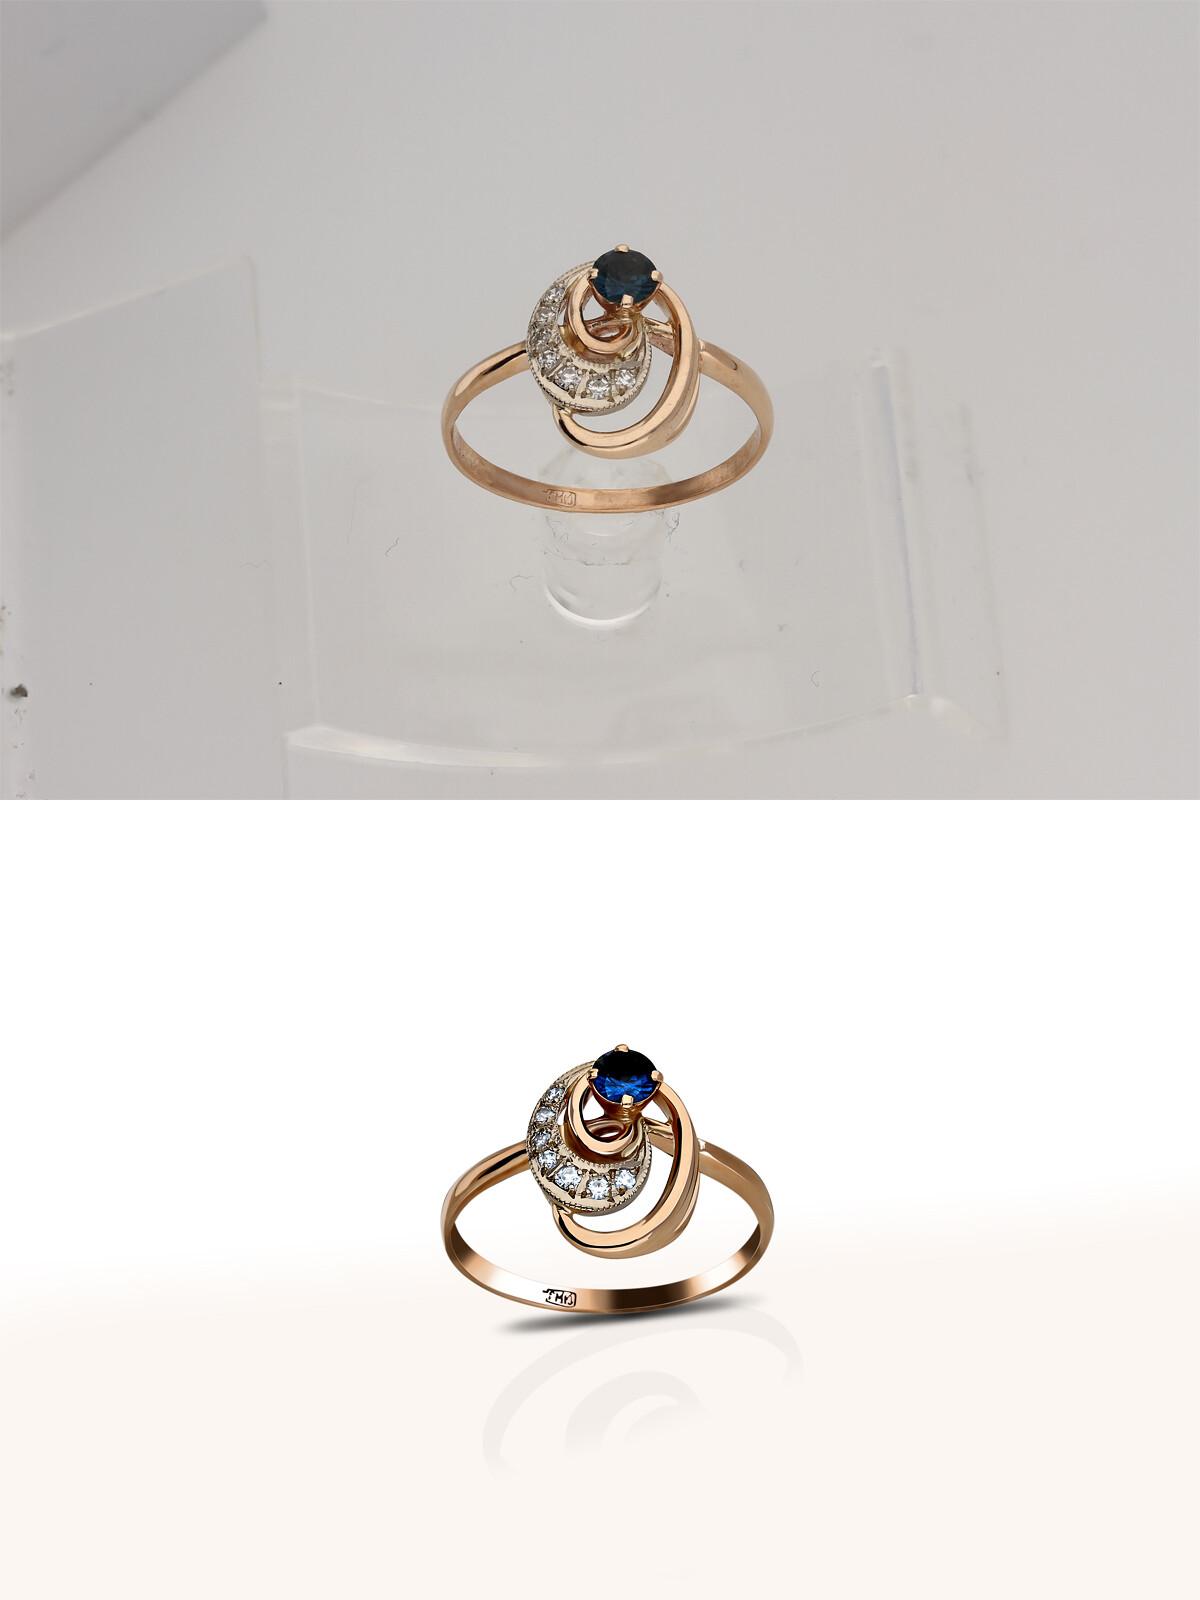 Anton golubov ring 2